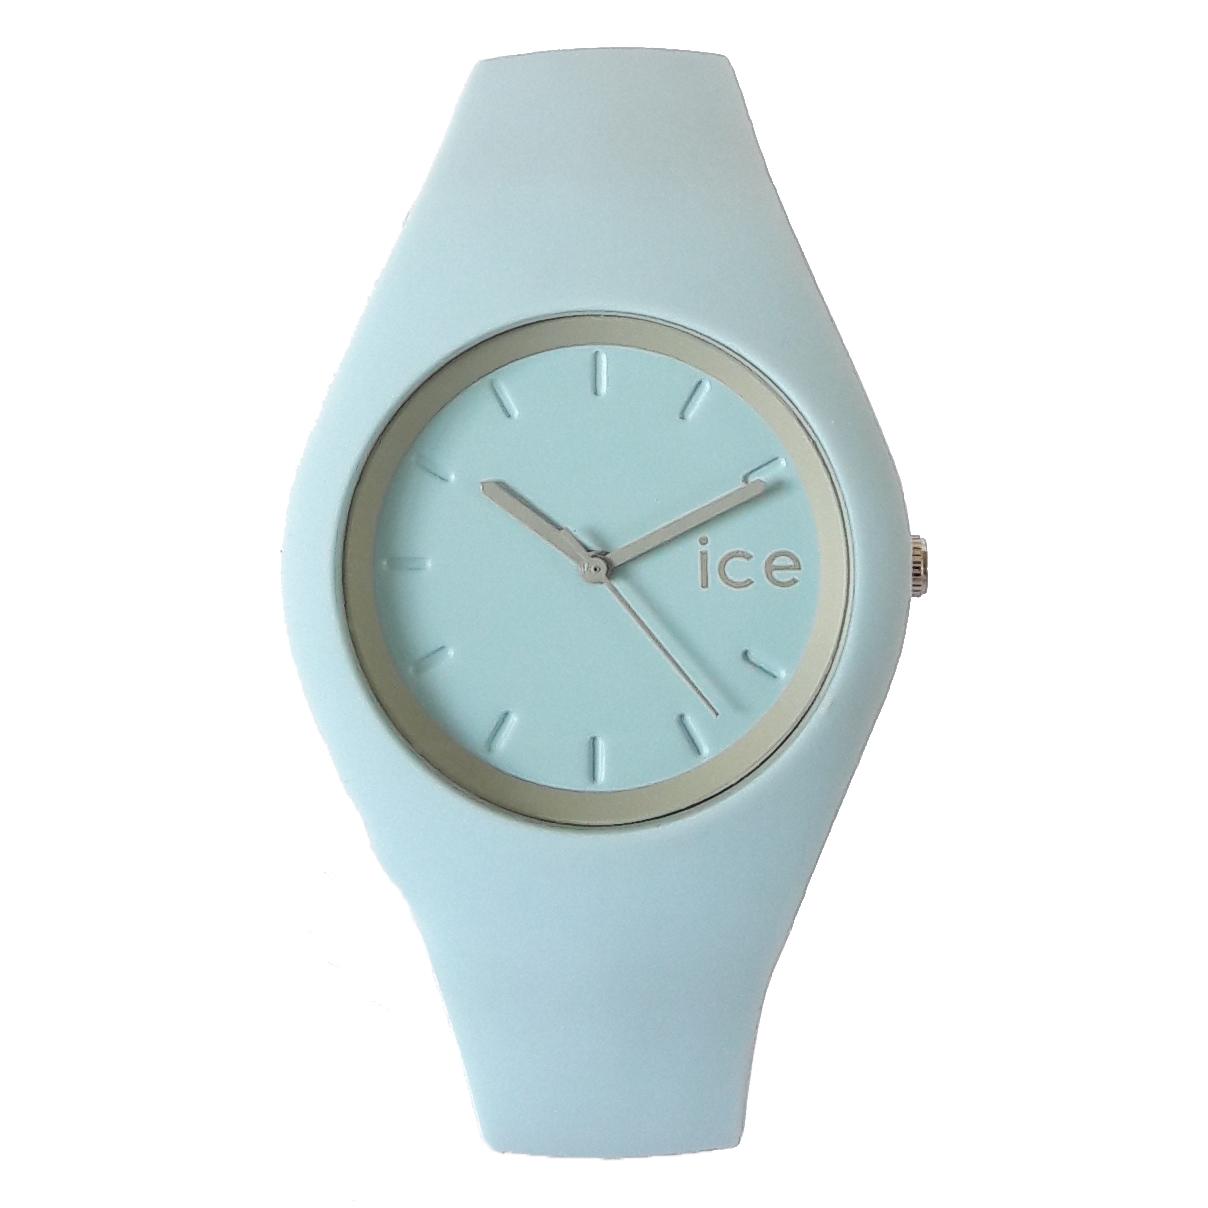 ساعت مچی عقربه ای زنانه مدل IS 9553 / AB-TO به همراه دستمال مخصوص نانو برند کلیر واچ 12